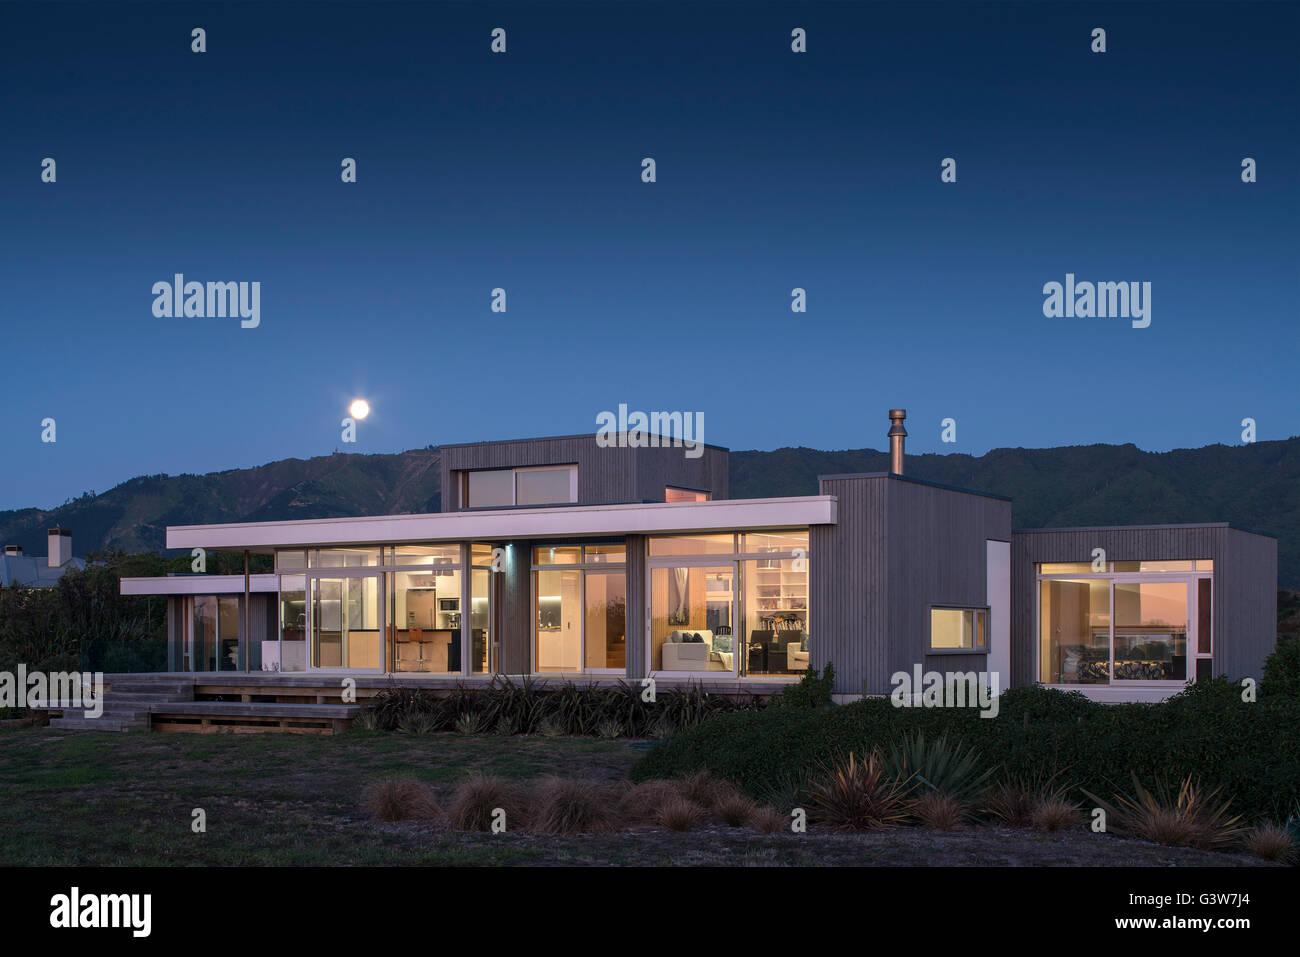 Moon rising over mountains, house lit up at dusk. Waikanae House, Peka Peka - Kapiti Coast, New Zealand. Architect: - Stock Image